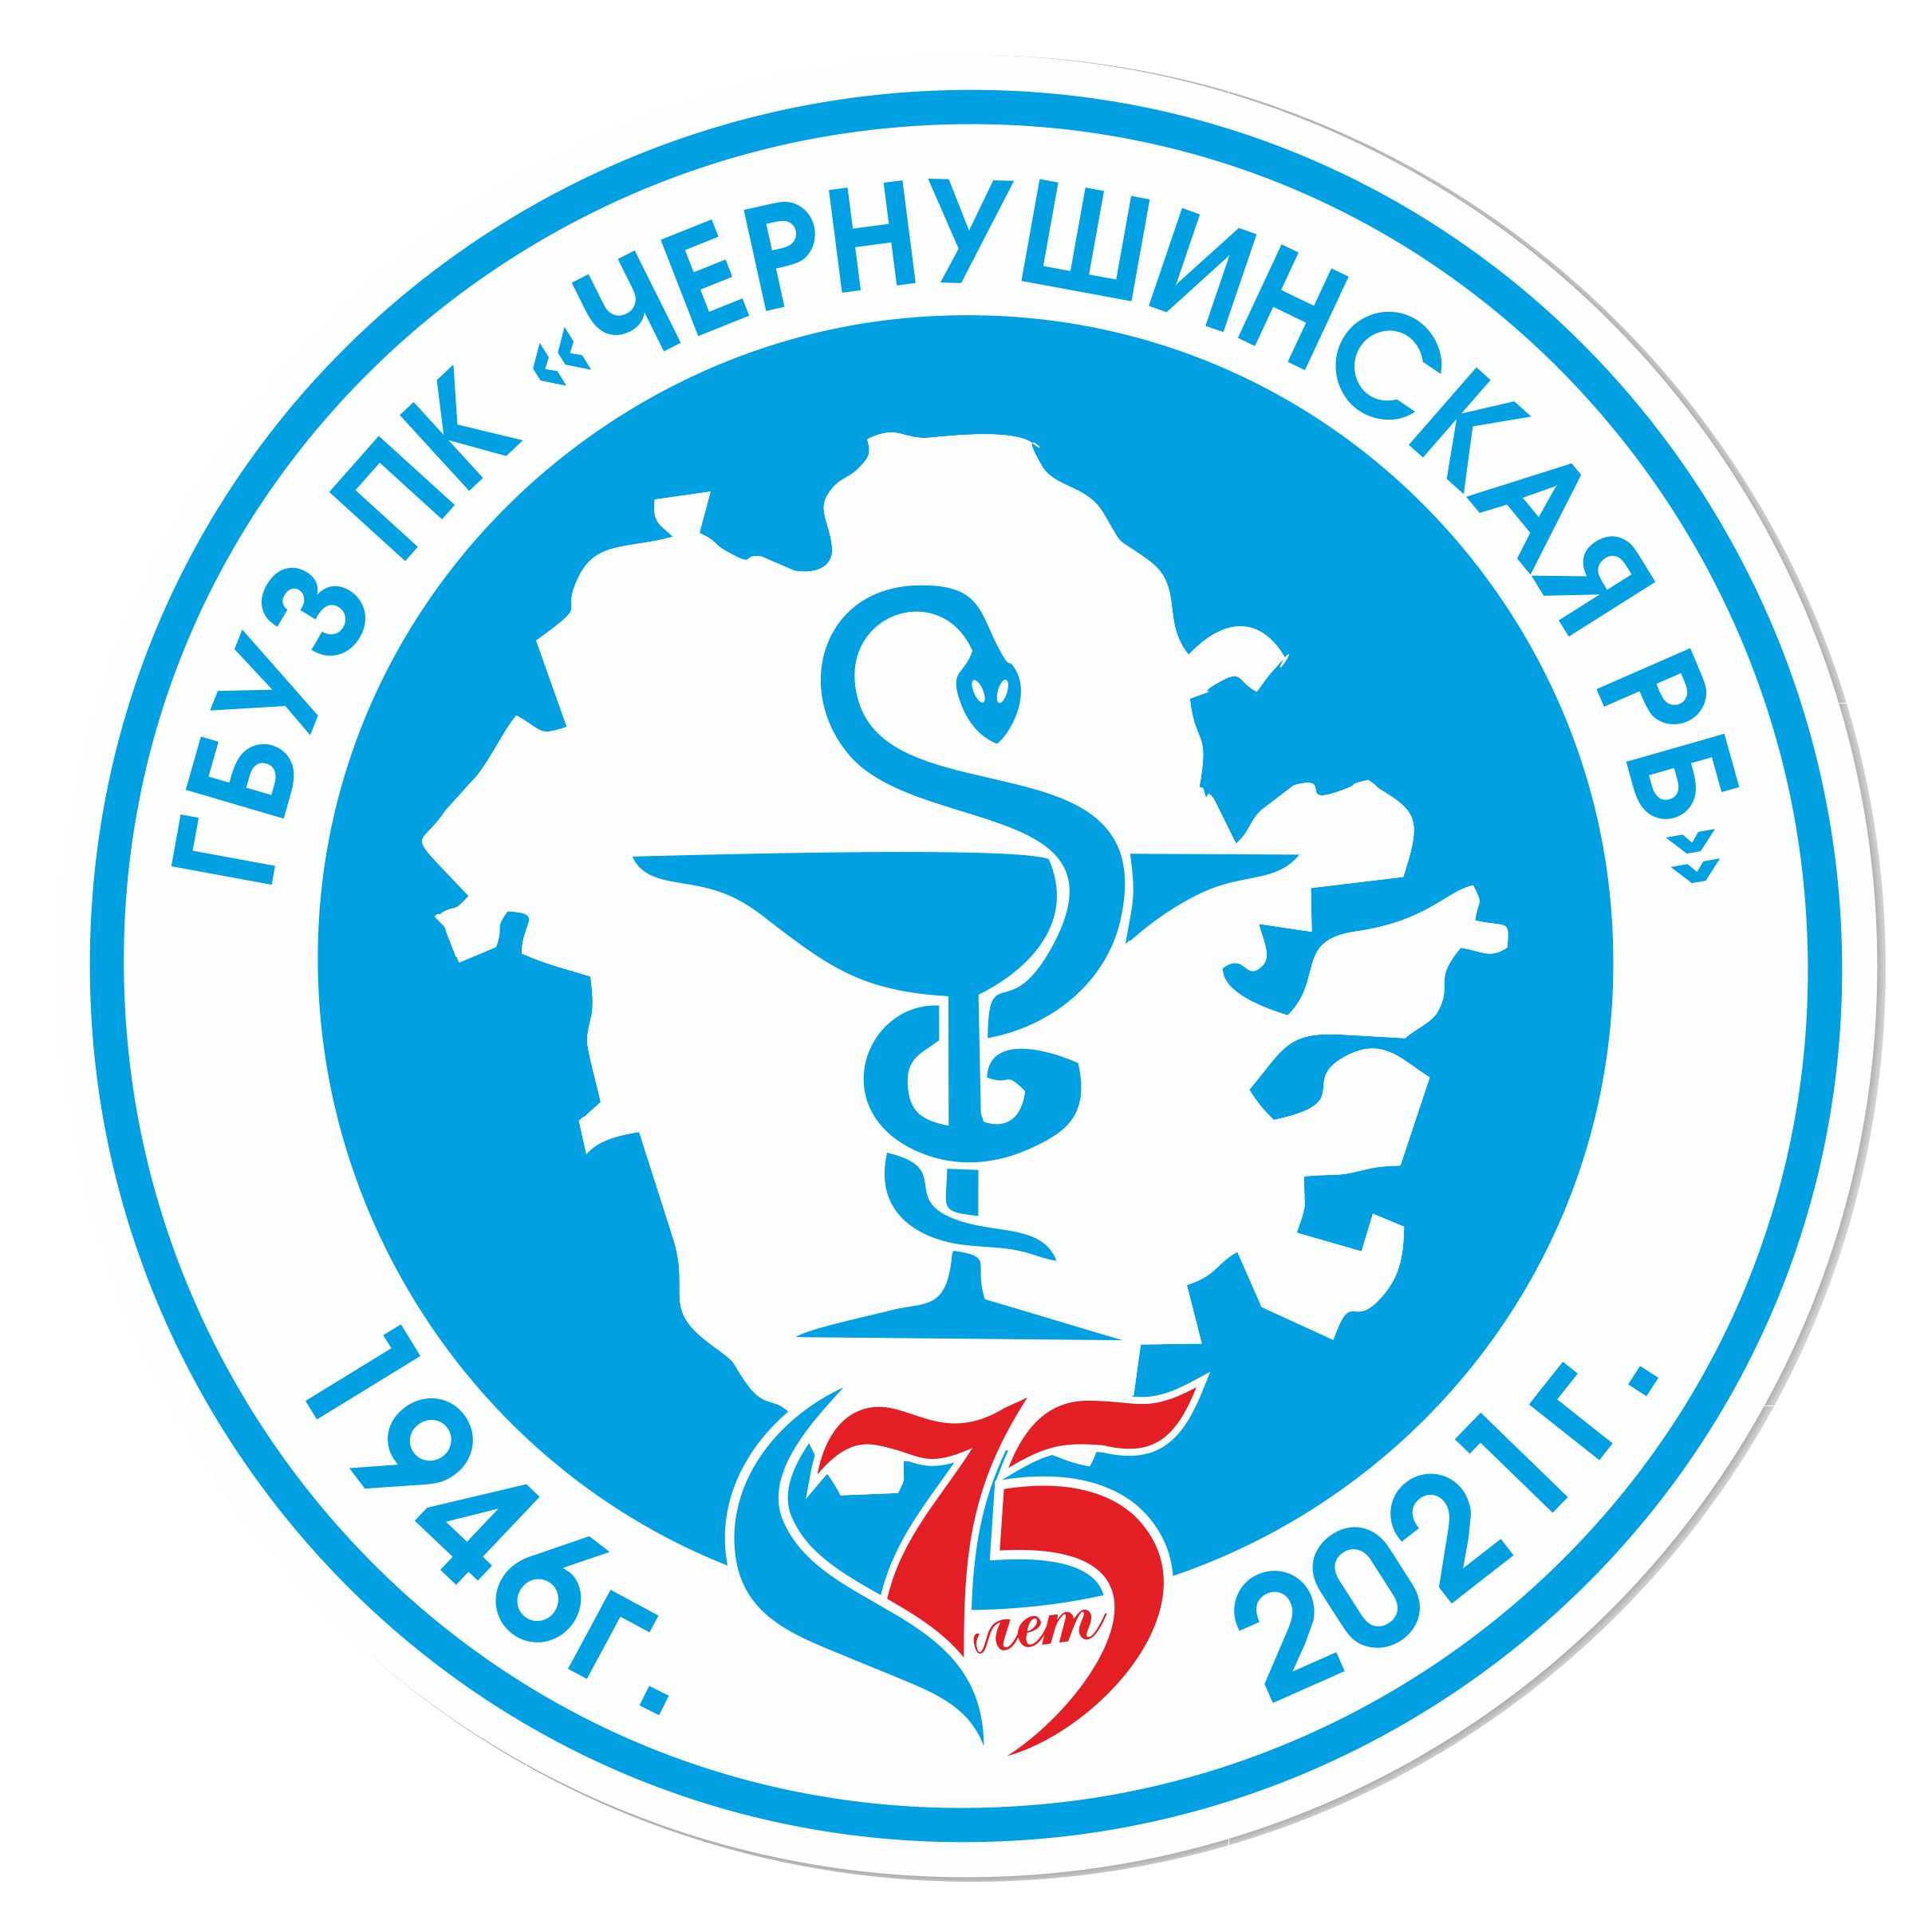 Чернушинская районная больница